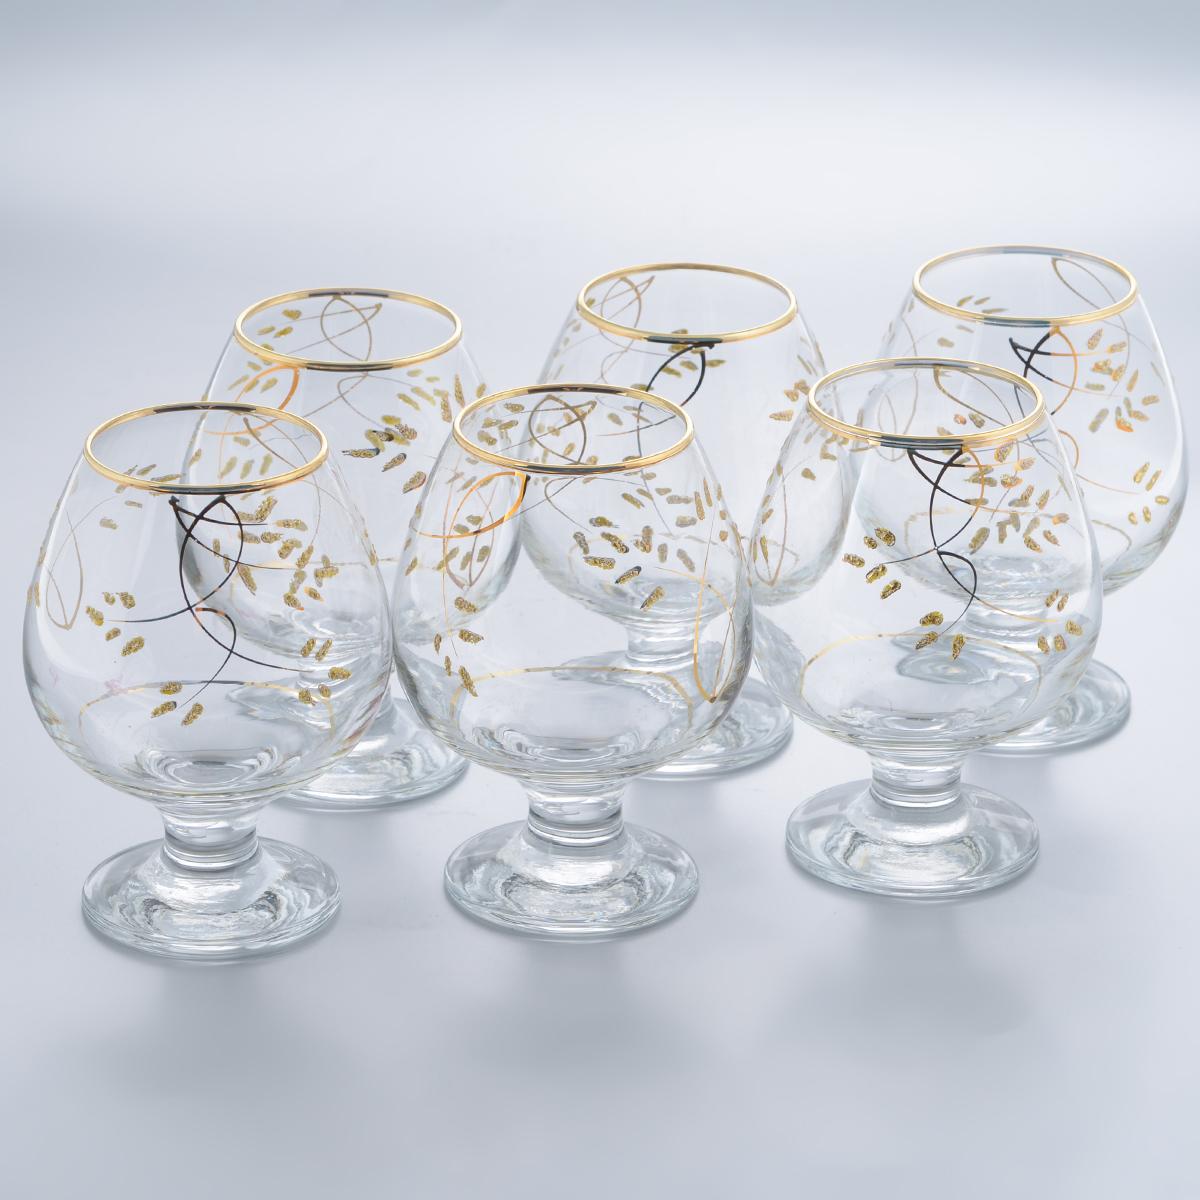 Набор бокалов для бренди Гусь-Хрустальный Колосок, 400 мл, 6 штK28-188Набор Гусь-Хрустальный Колосок состоит из 6 бокалов на низкой ножке, изготовленных из высококачественного натрий-кальций-силикатного стекла. Изделия оформлены красивым зеркальным покрытием и золотистым орнаментом. Бокалы предназначены для подачи бренди. Такой набор прекрасно дополнит праздничный стол и станет желанным подарком в любом доме. Разрешается мыть в посудомоечной машине. Диаметр бокала (по верхнему краю): 5,5 см. Высота бокала: 12,5 см. Диаметр основания бокала: 6,5 см.